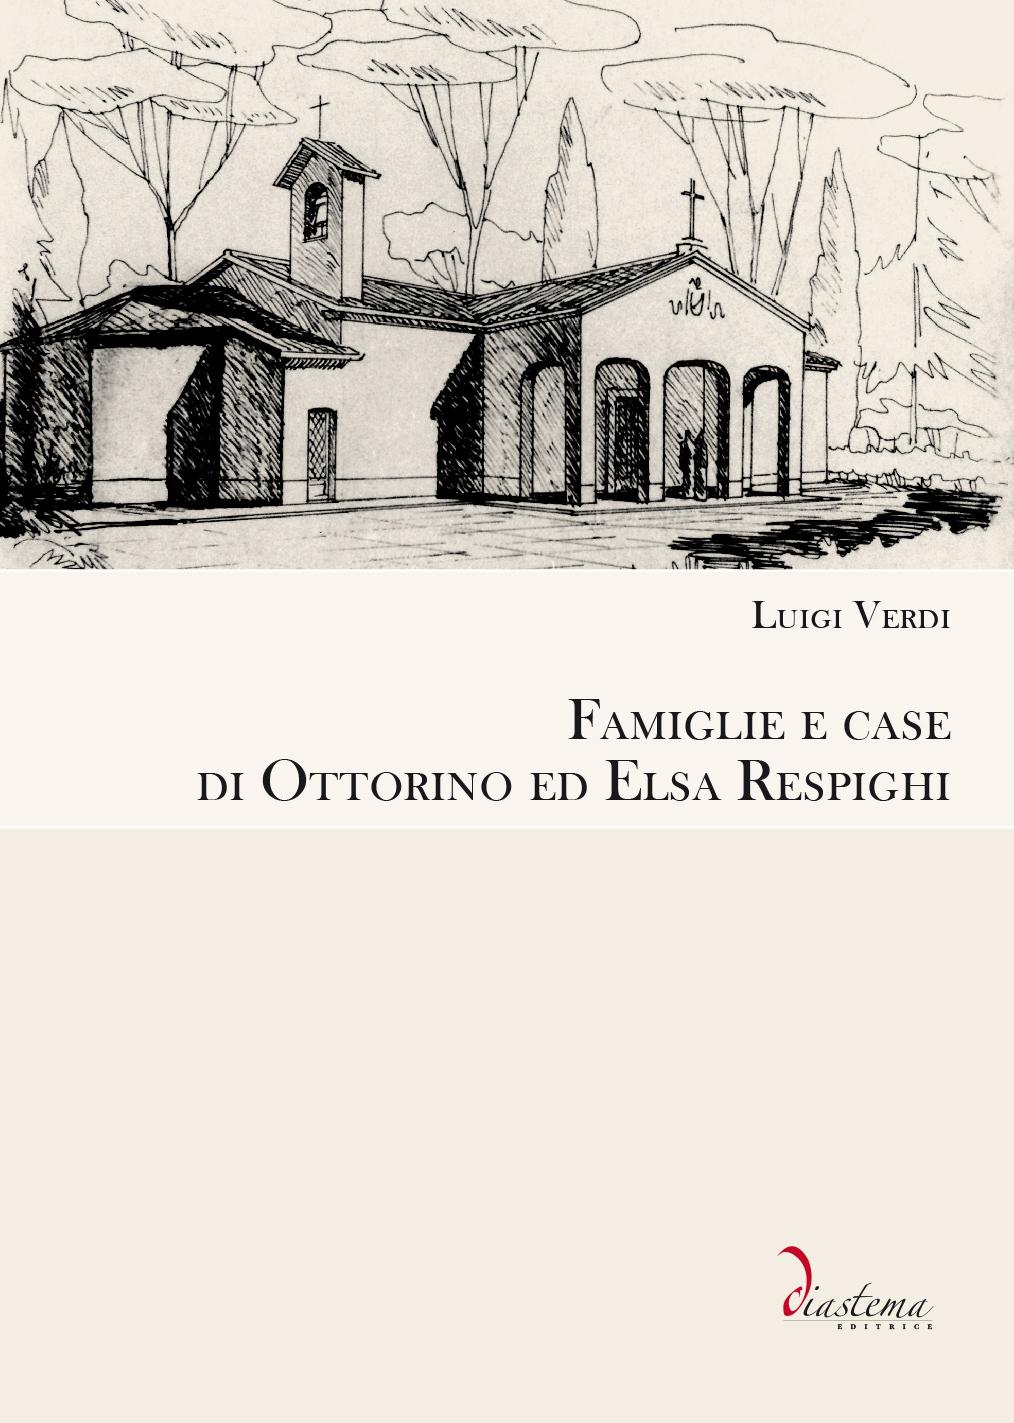 """<p><strong><span style=""""color: #000;"""">Luigi Verdi<strong><span style=""""color: #b10f26;""""><br>Famiglie e case di Ottorino ed Elsa Respighi</p></span></strong><span style=""""color: #000;"""">note introduttive di Potito Pedarra ed Emilio Putti<br><span style=""""color: #000;""""></span></strong>"""